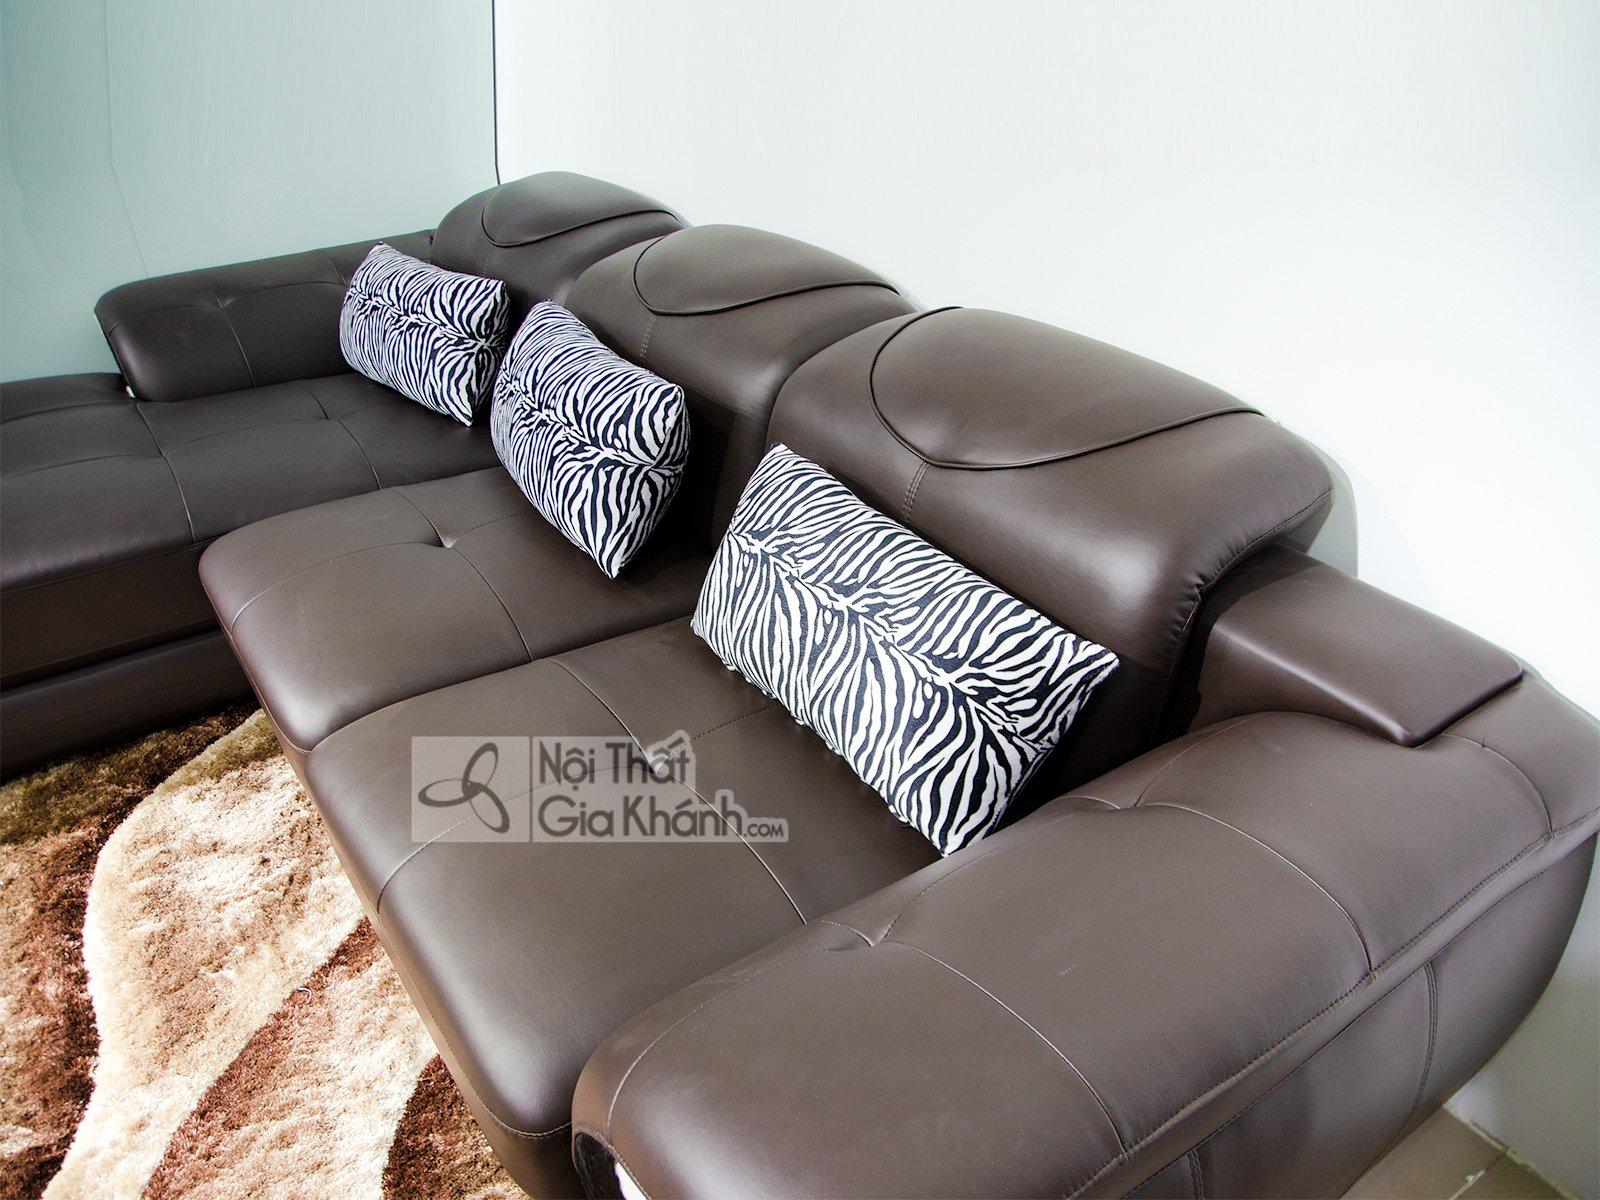 sofa da nau cafe 2 bang goc trai 9193n sf 5 - Sofa da hiện đại cho phòng khách SP0919-2-A1